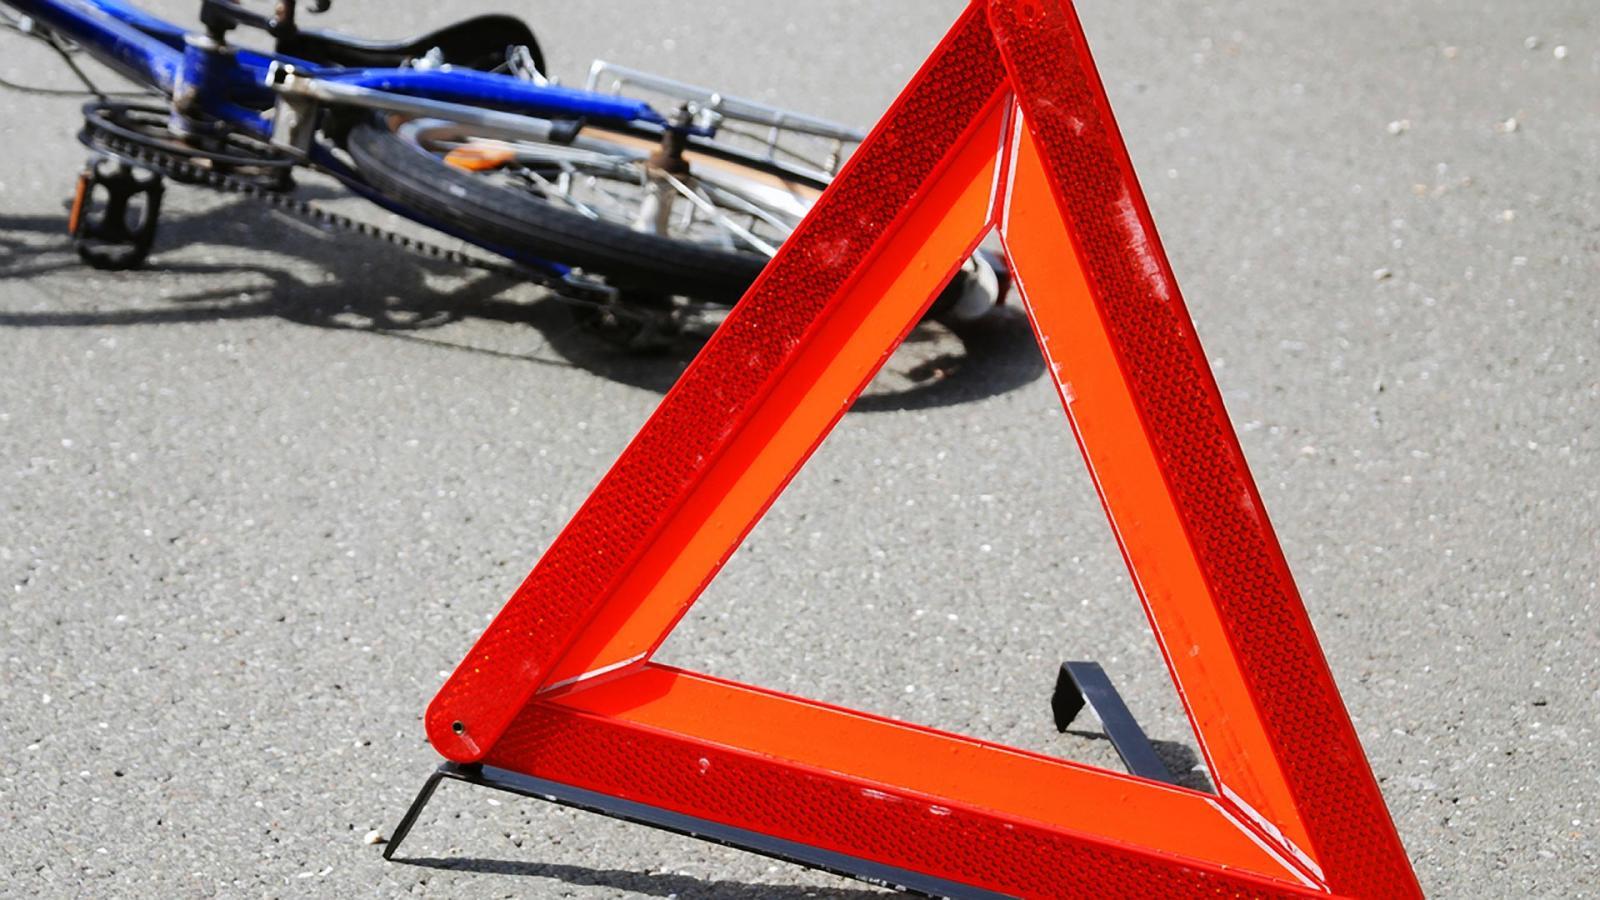 В Комаричах сбили 11-летнего велосипедиста, ребенок госпитализирован